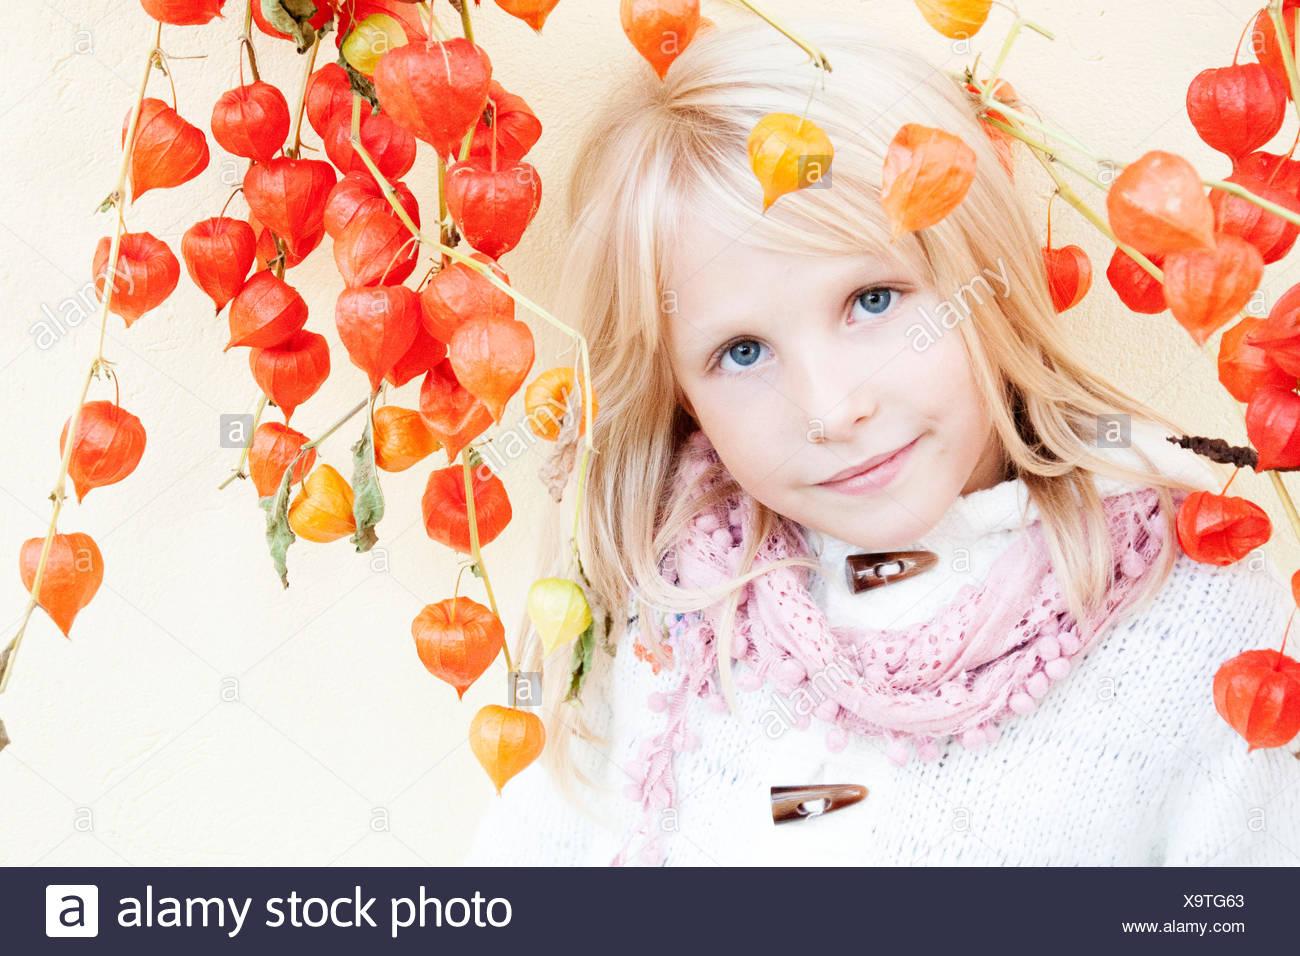 Retrato de niña sonriente (6-7) con las cerezas de invierno Imagen De Stock